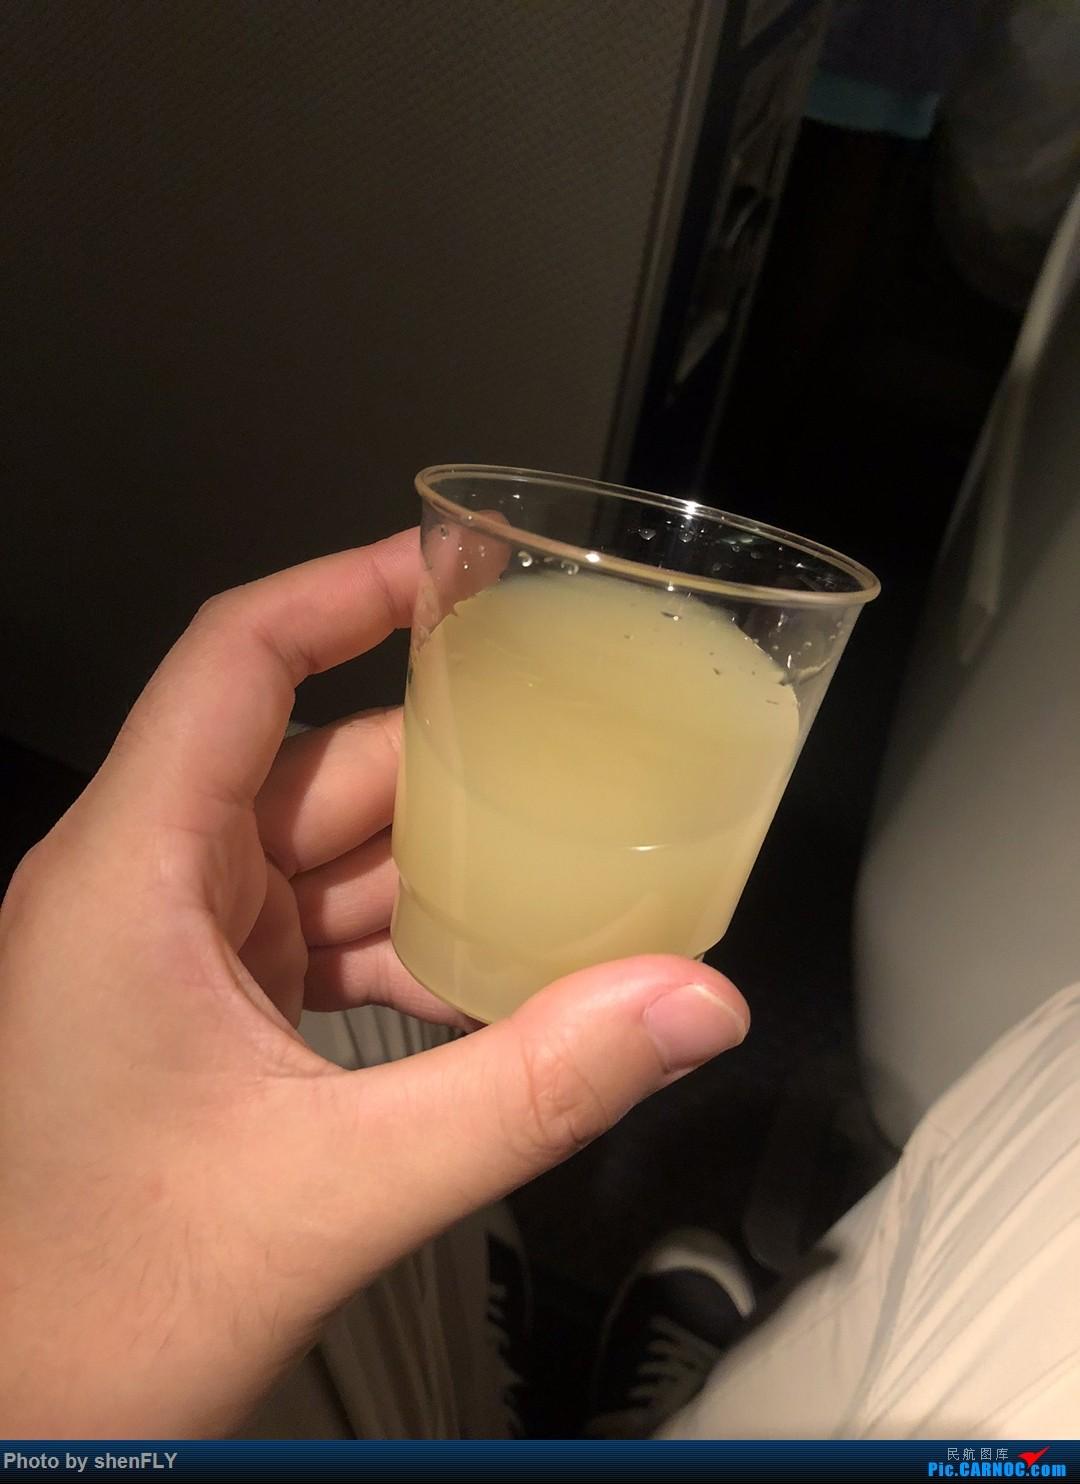 Re:[原创]伴随夕阳起飞,回忆最后一次搭乘厦航757飞行